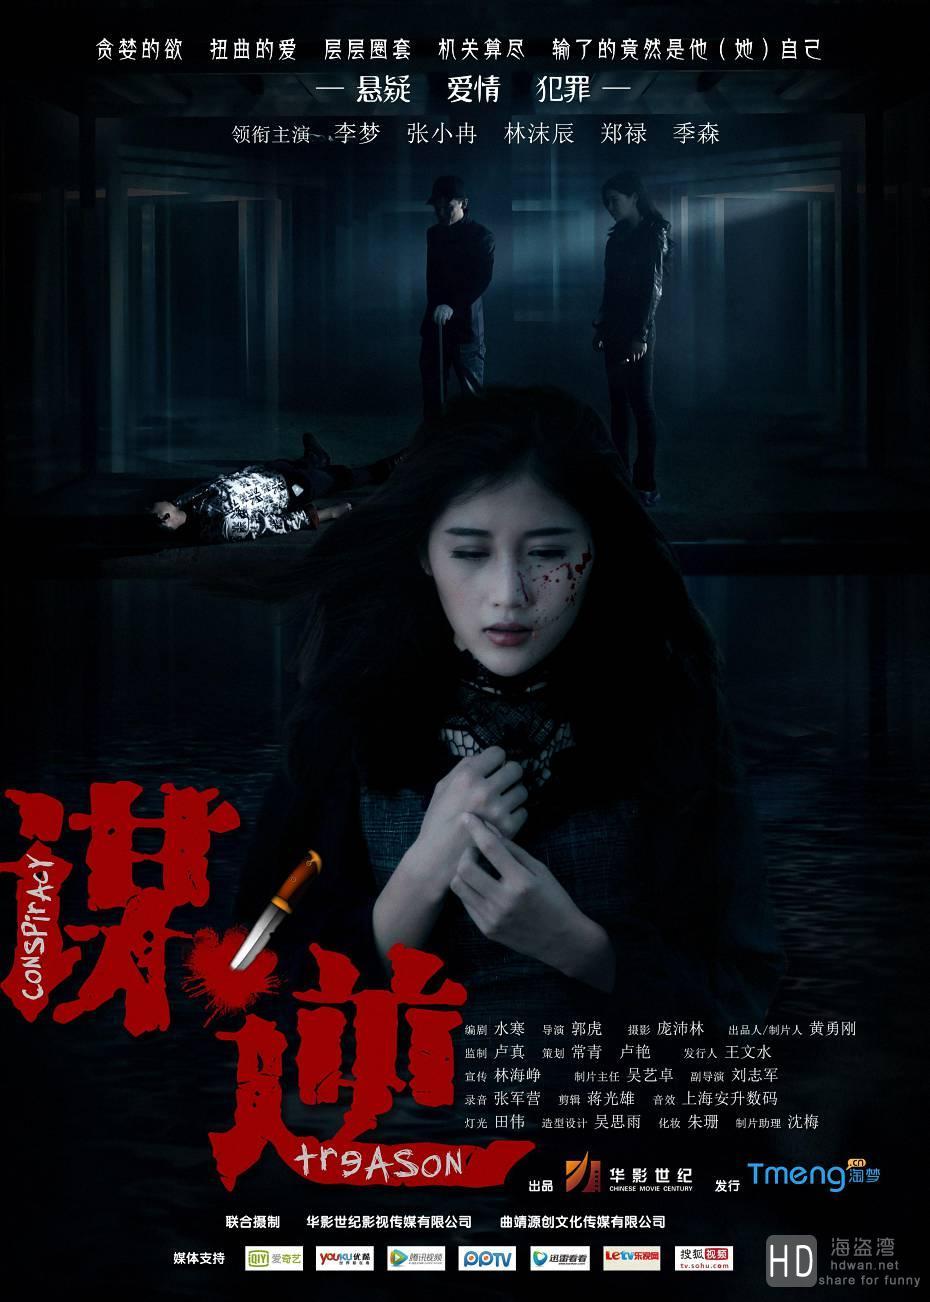 [2014][爱情/悬疑/犯罪][中国大陆][谋逆]